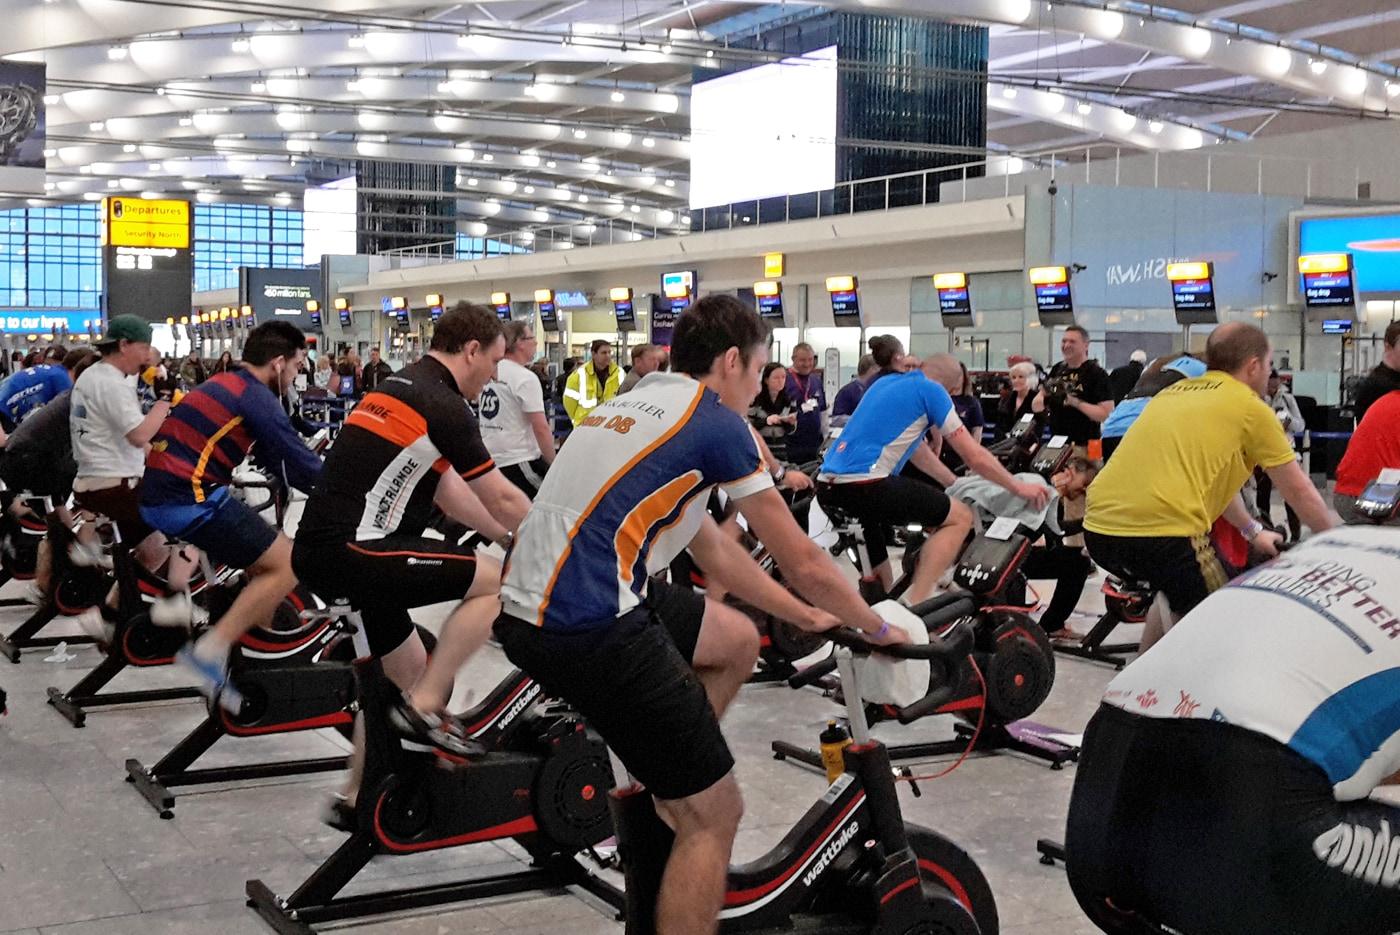 Heathrow Race the Plane